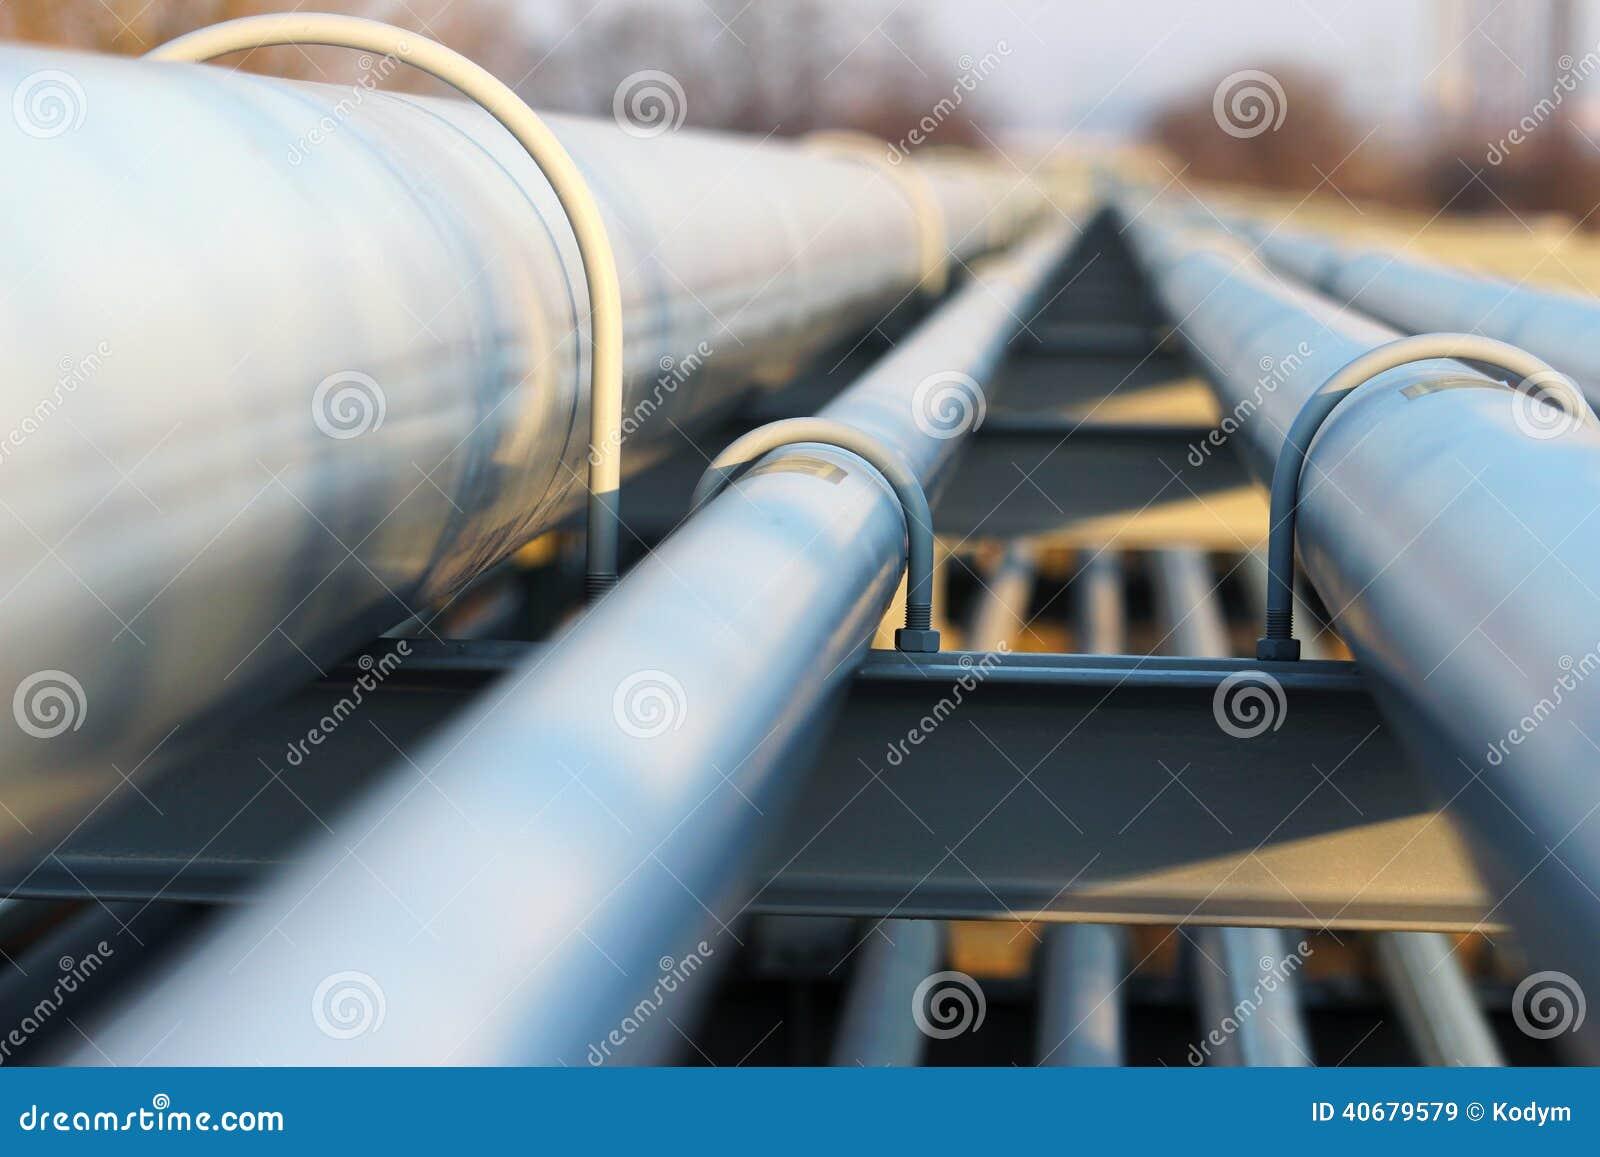 steel-light-pipeline-oil-refinery-detail